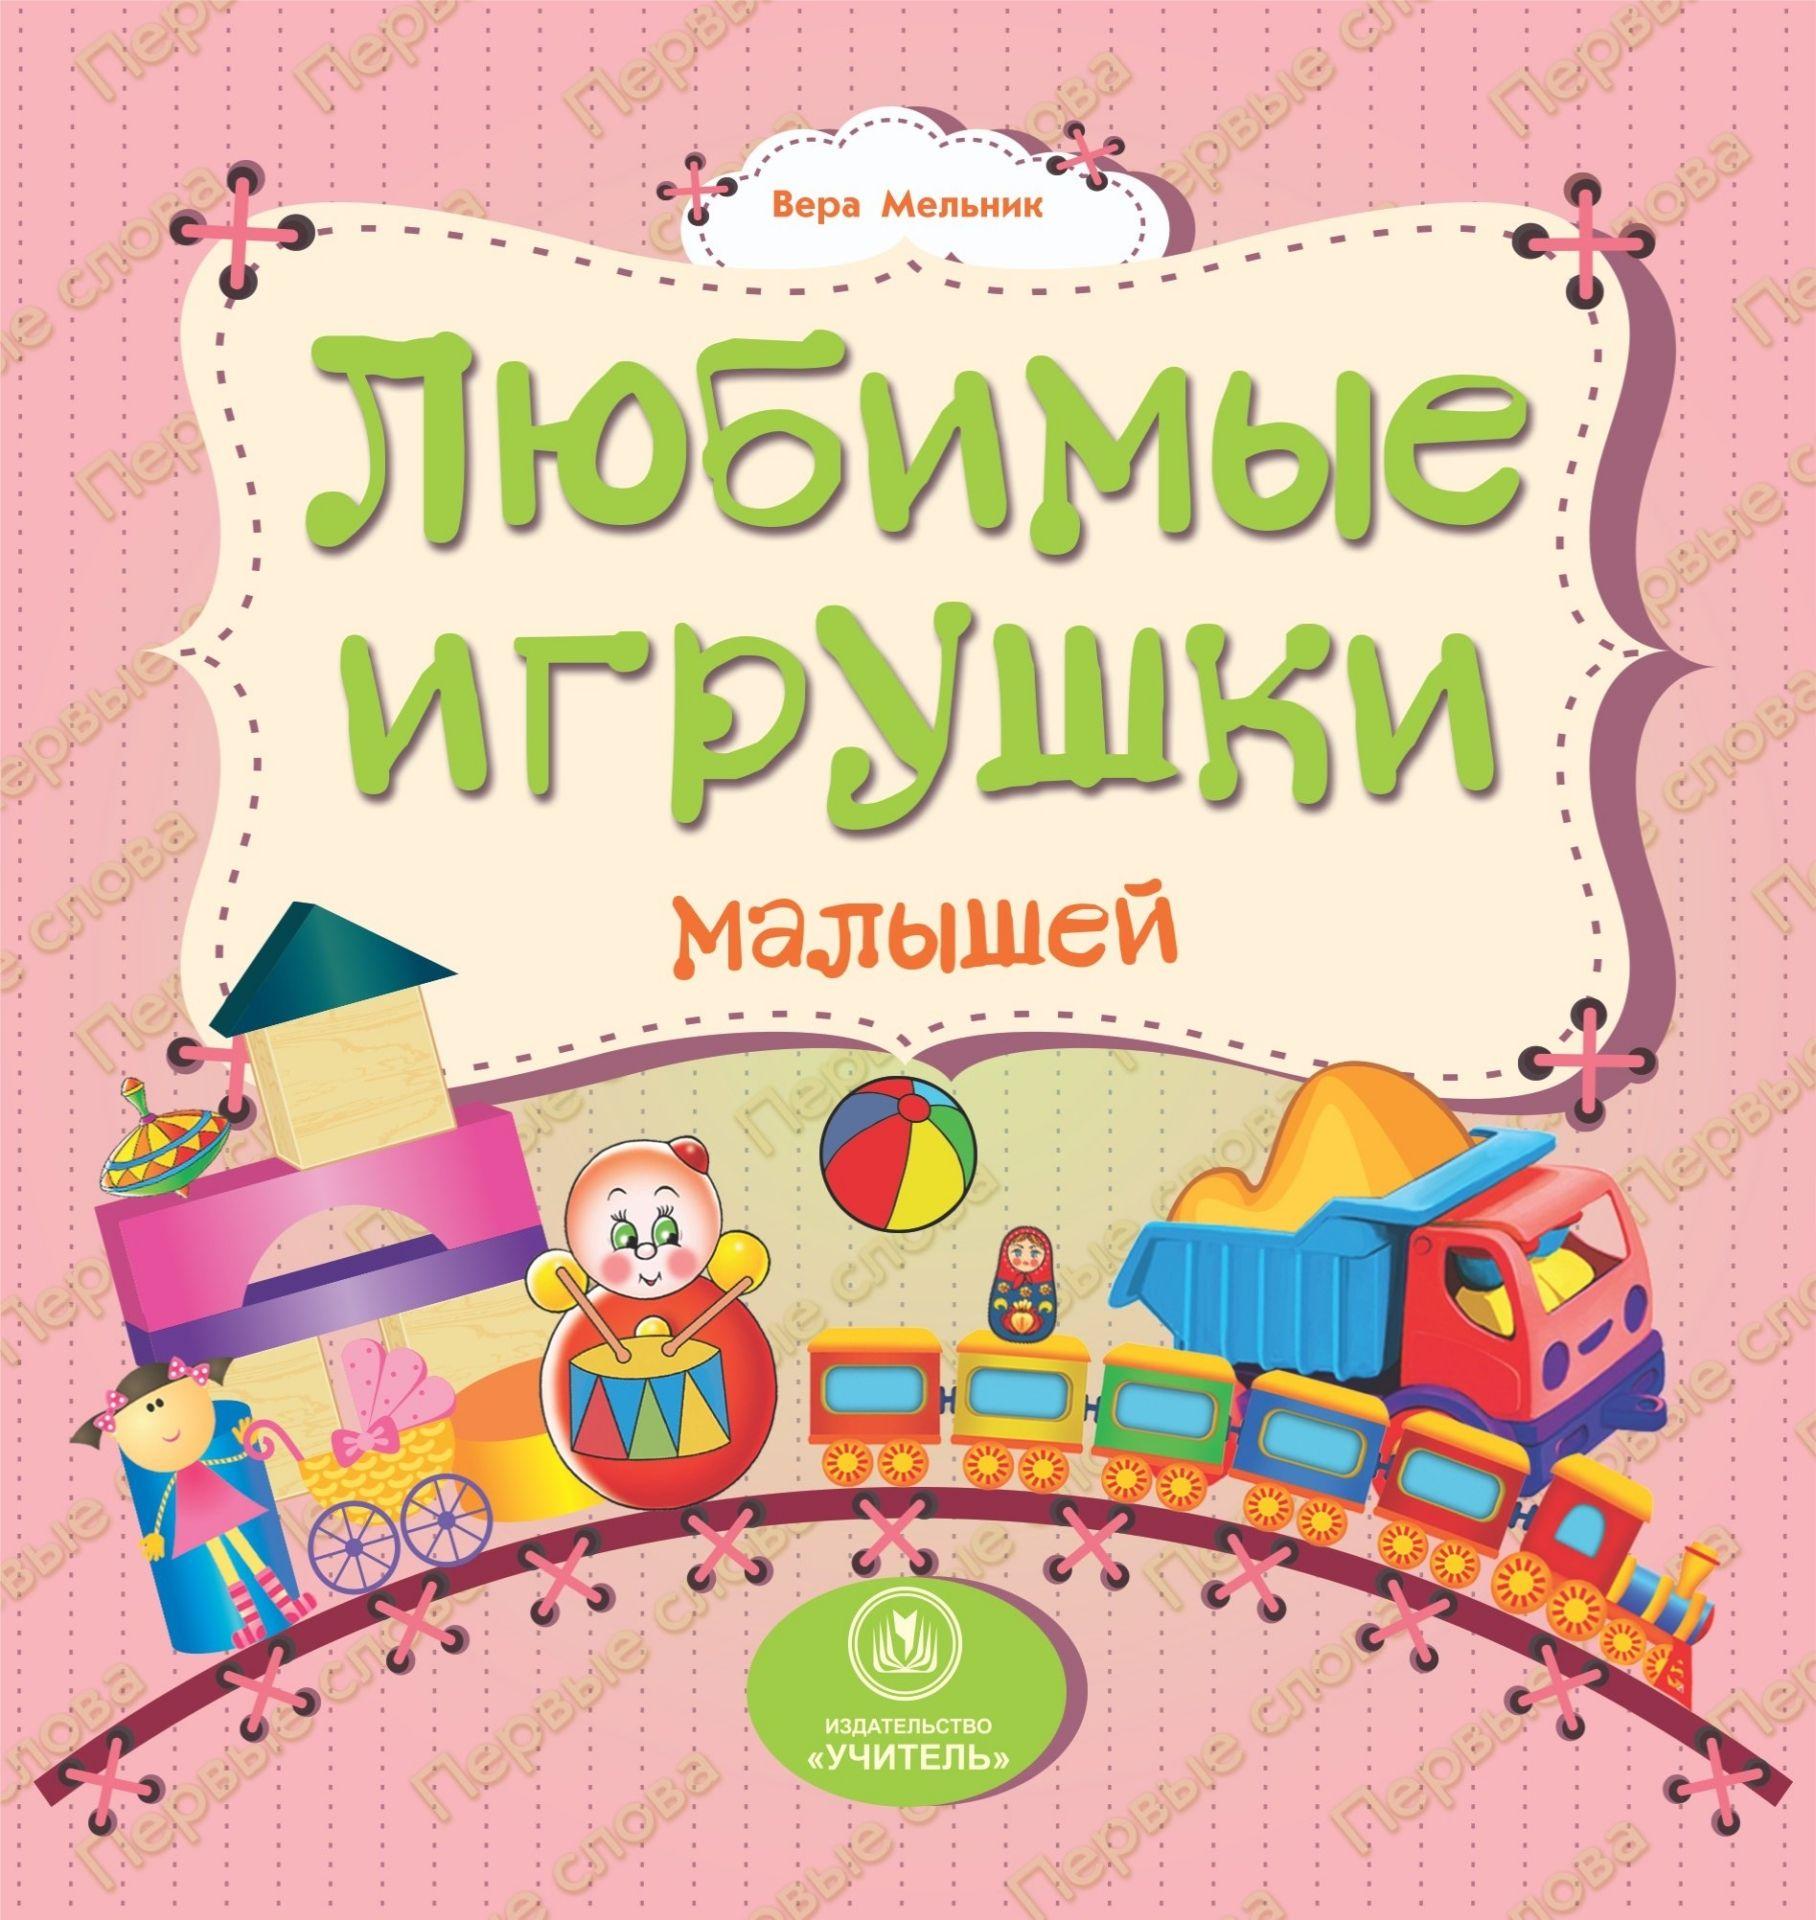 Любимые игрушки малышей: литературно-художественное издание для чтения родителями детям